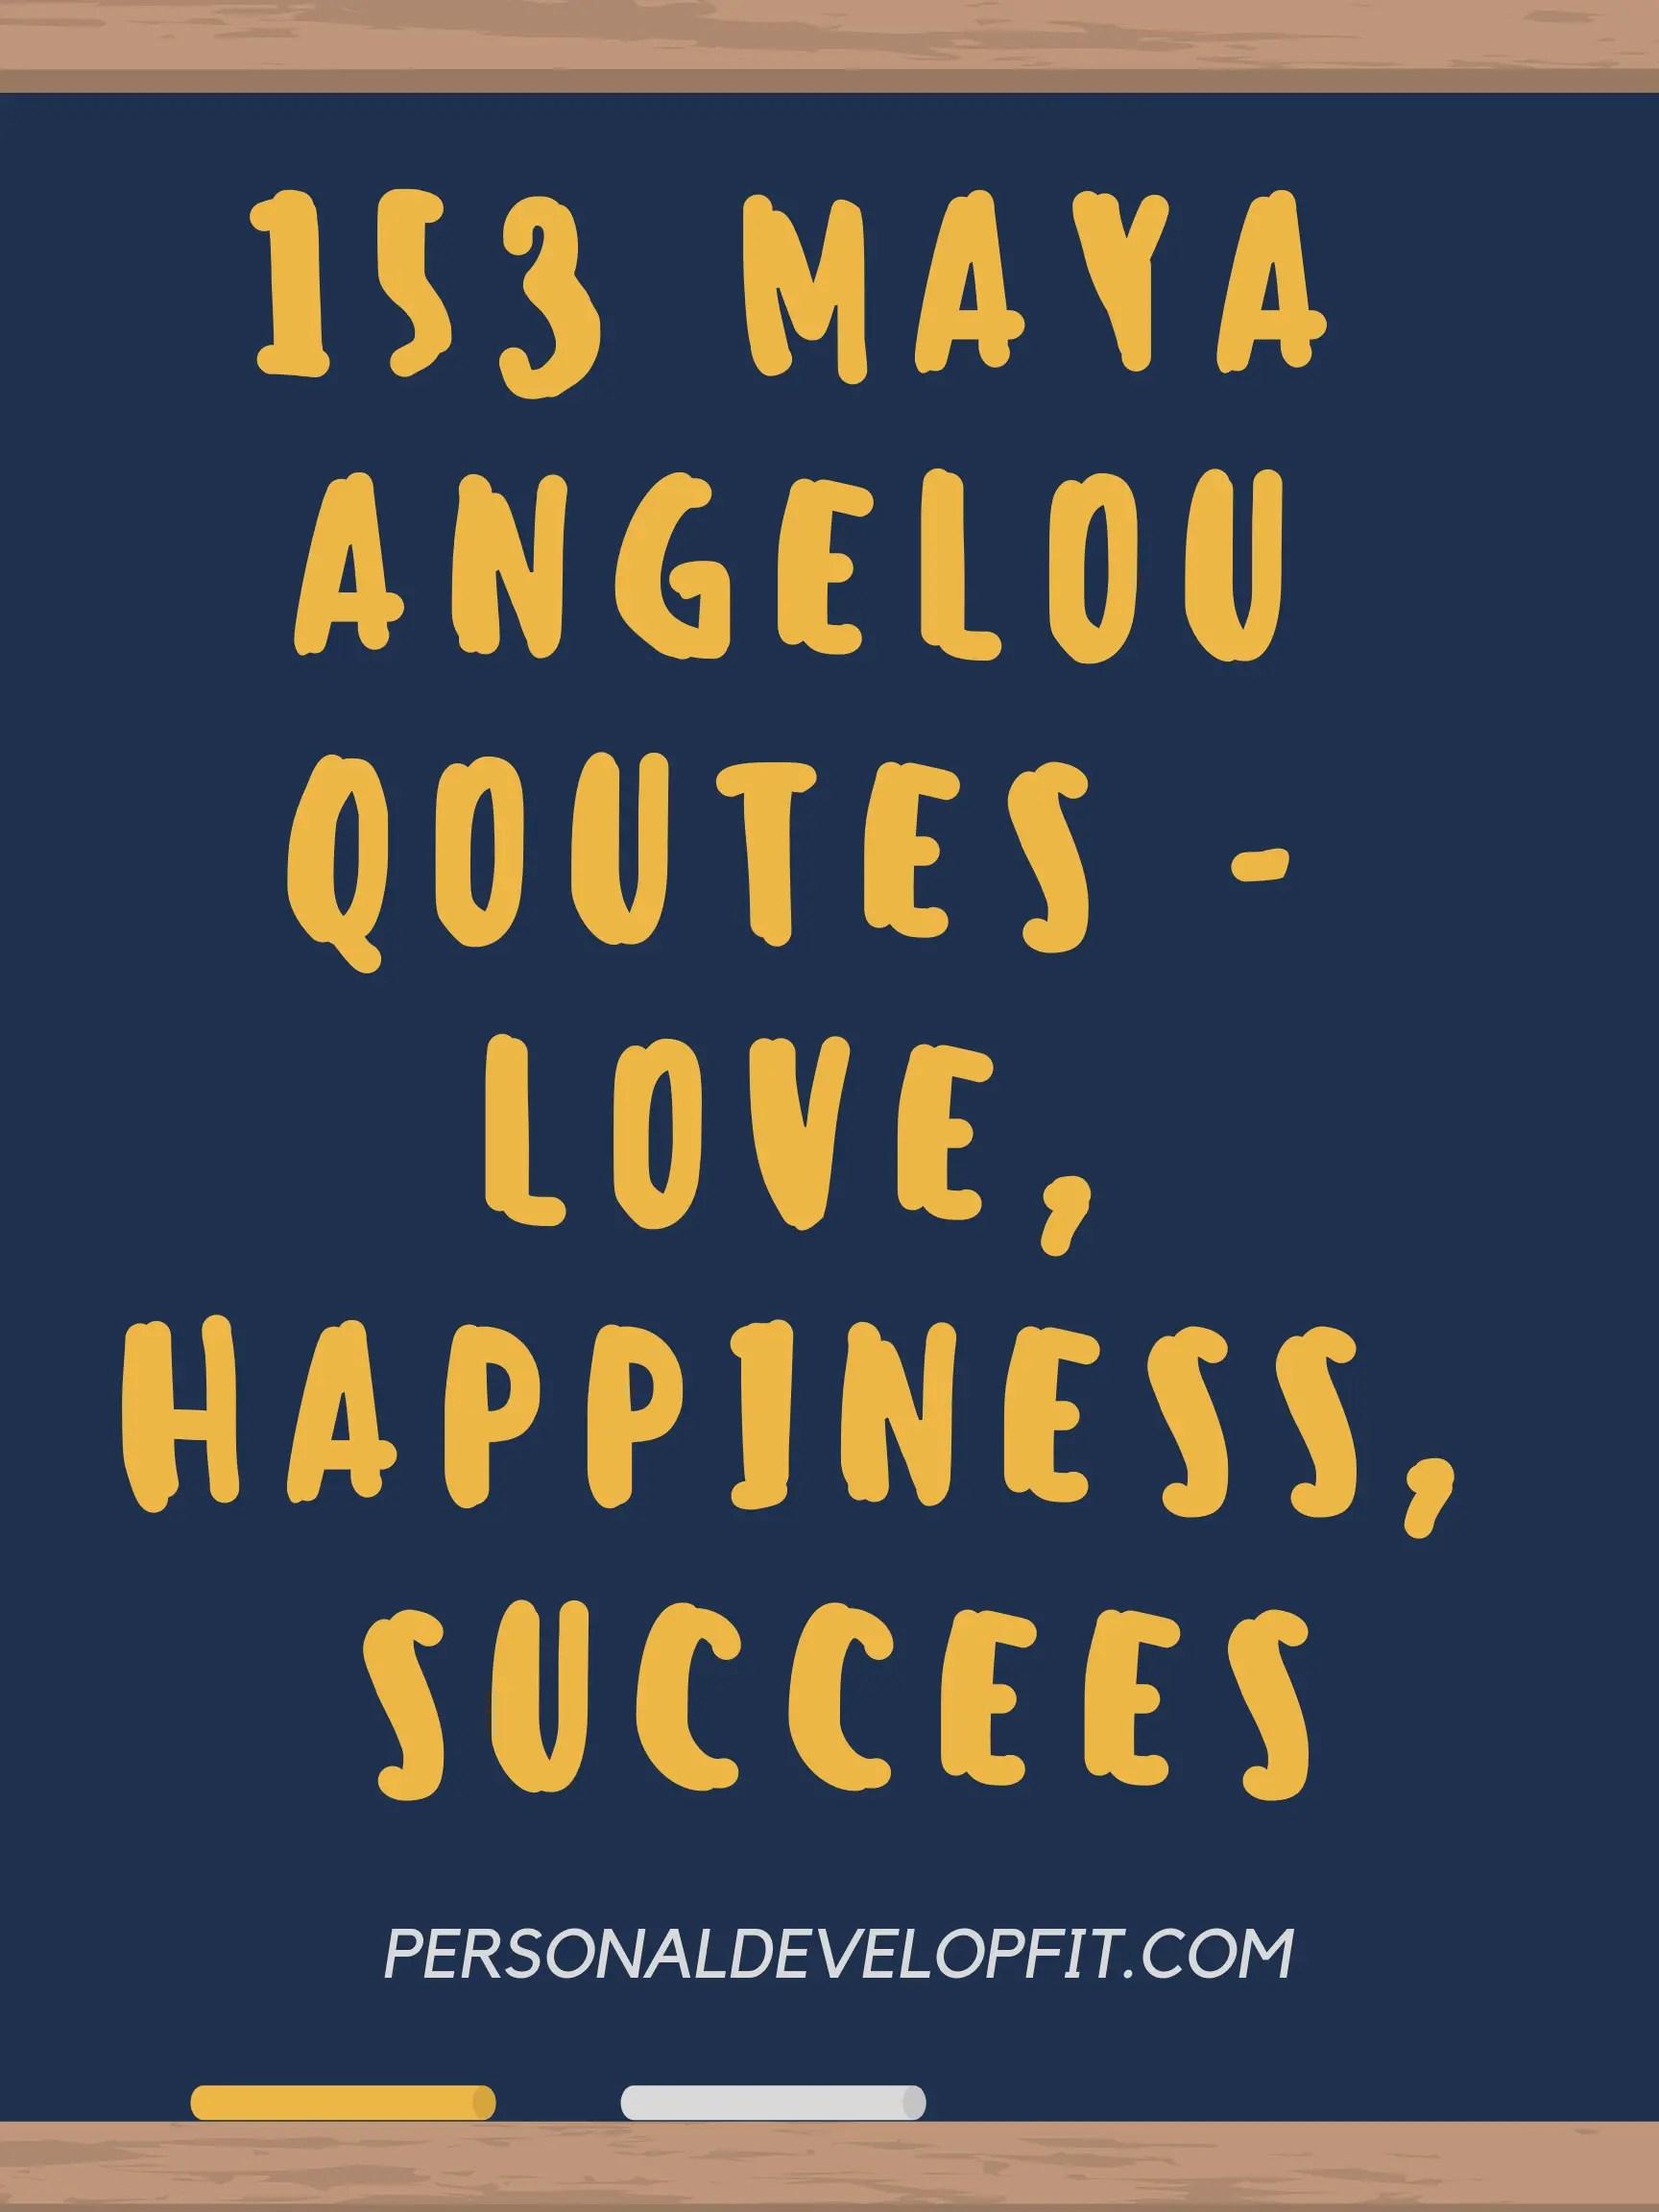 153 maya angelou quotes